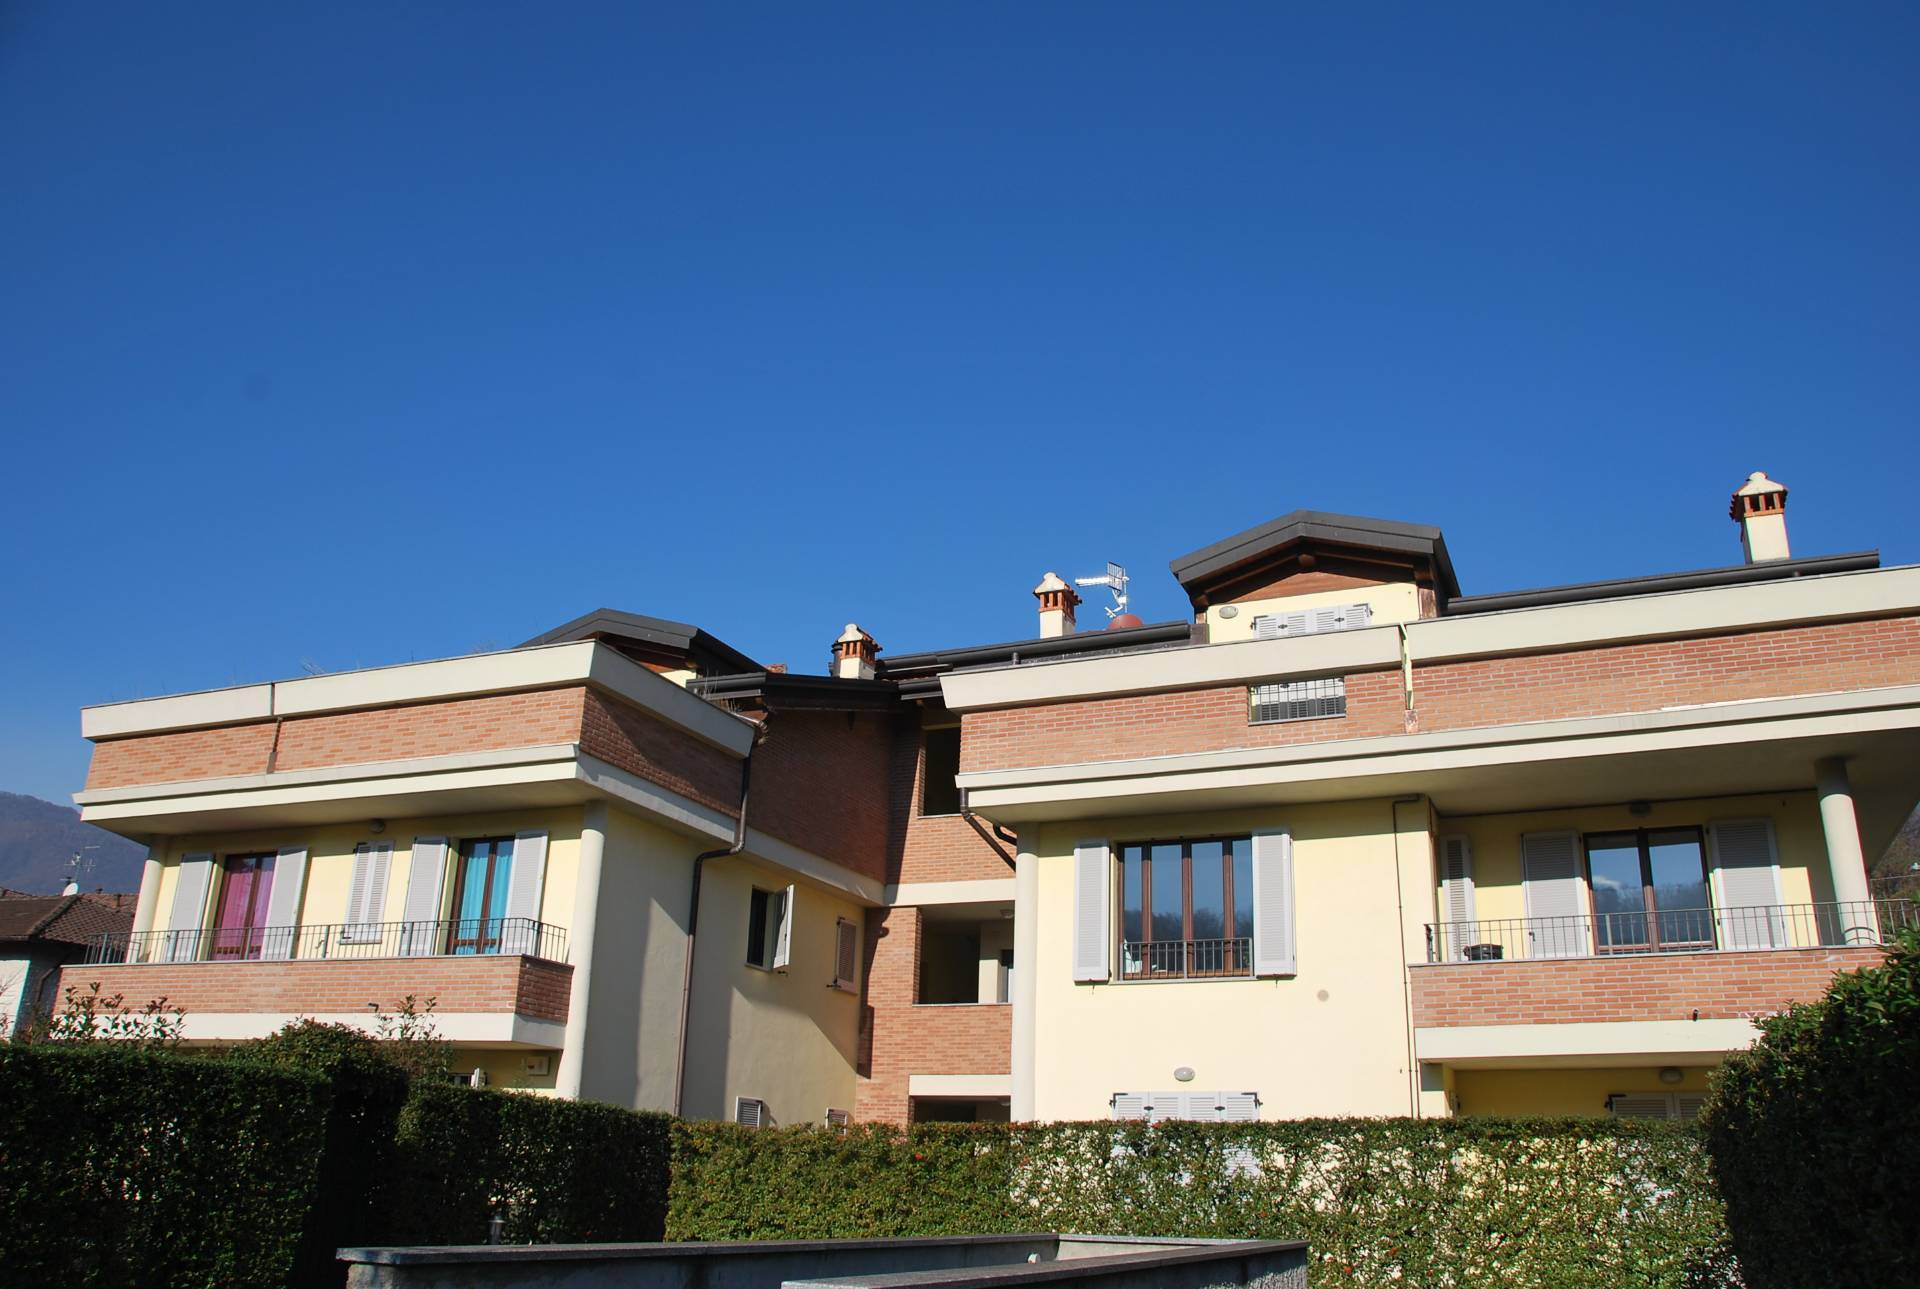 Appartamento in vendita a Brenta, 4 locali, zona Zona: Pianura, prezzo € 150.800 | CambioCasa.it